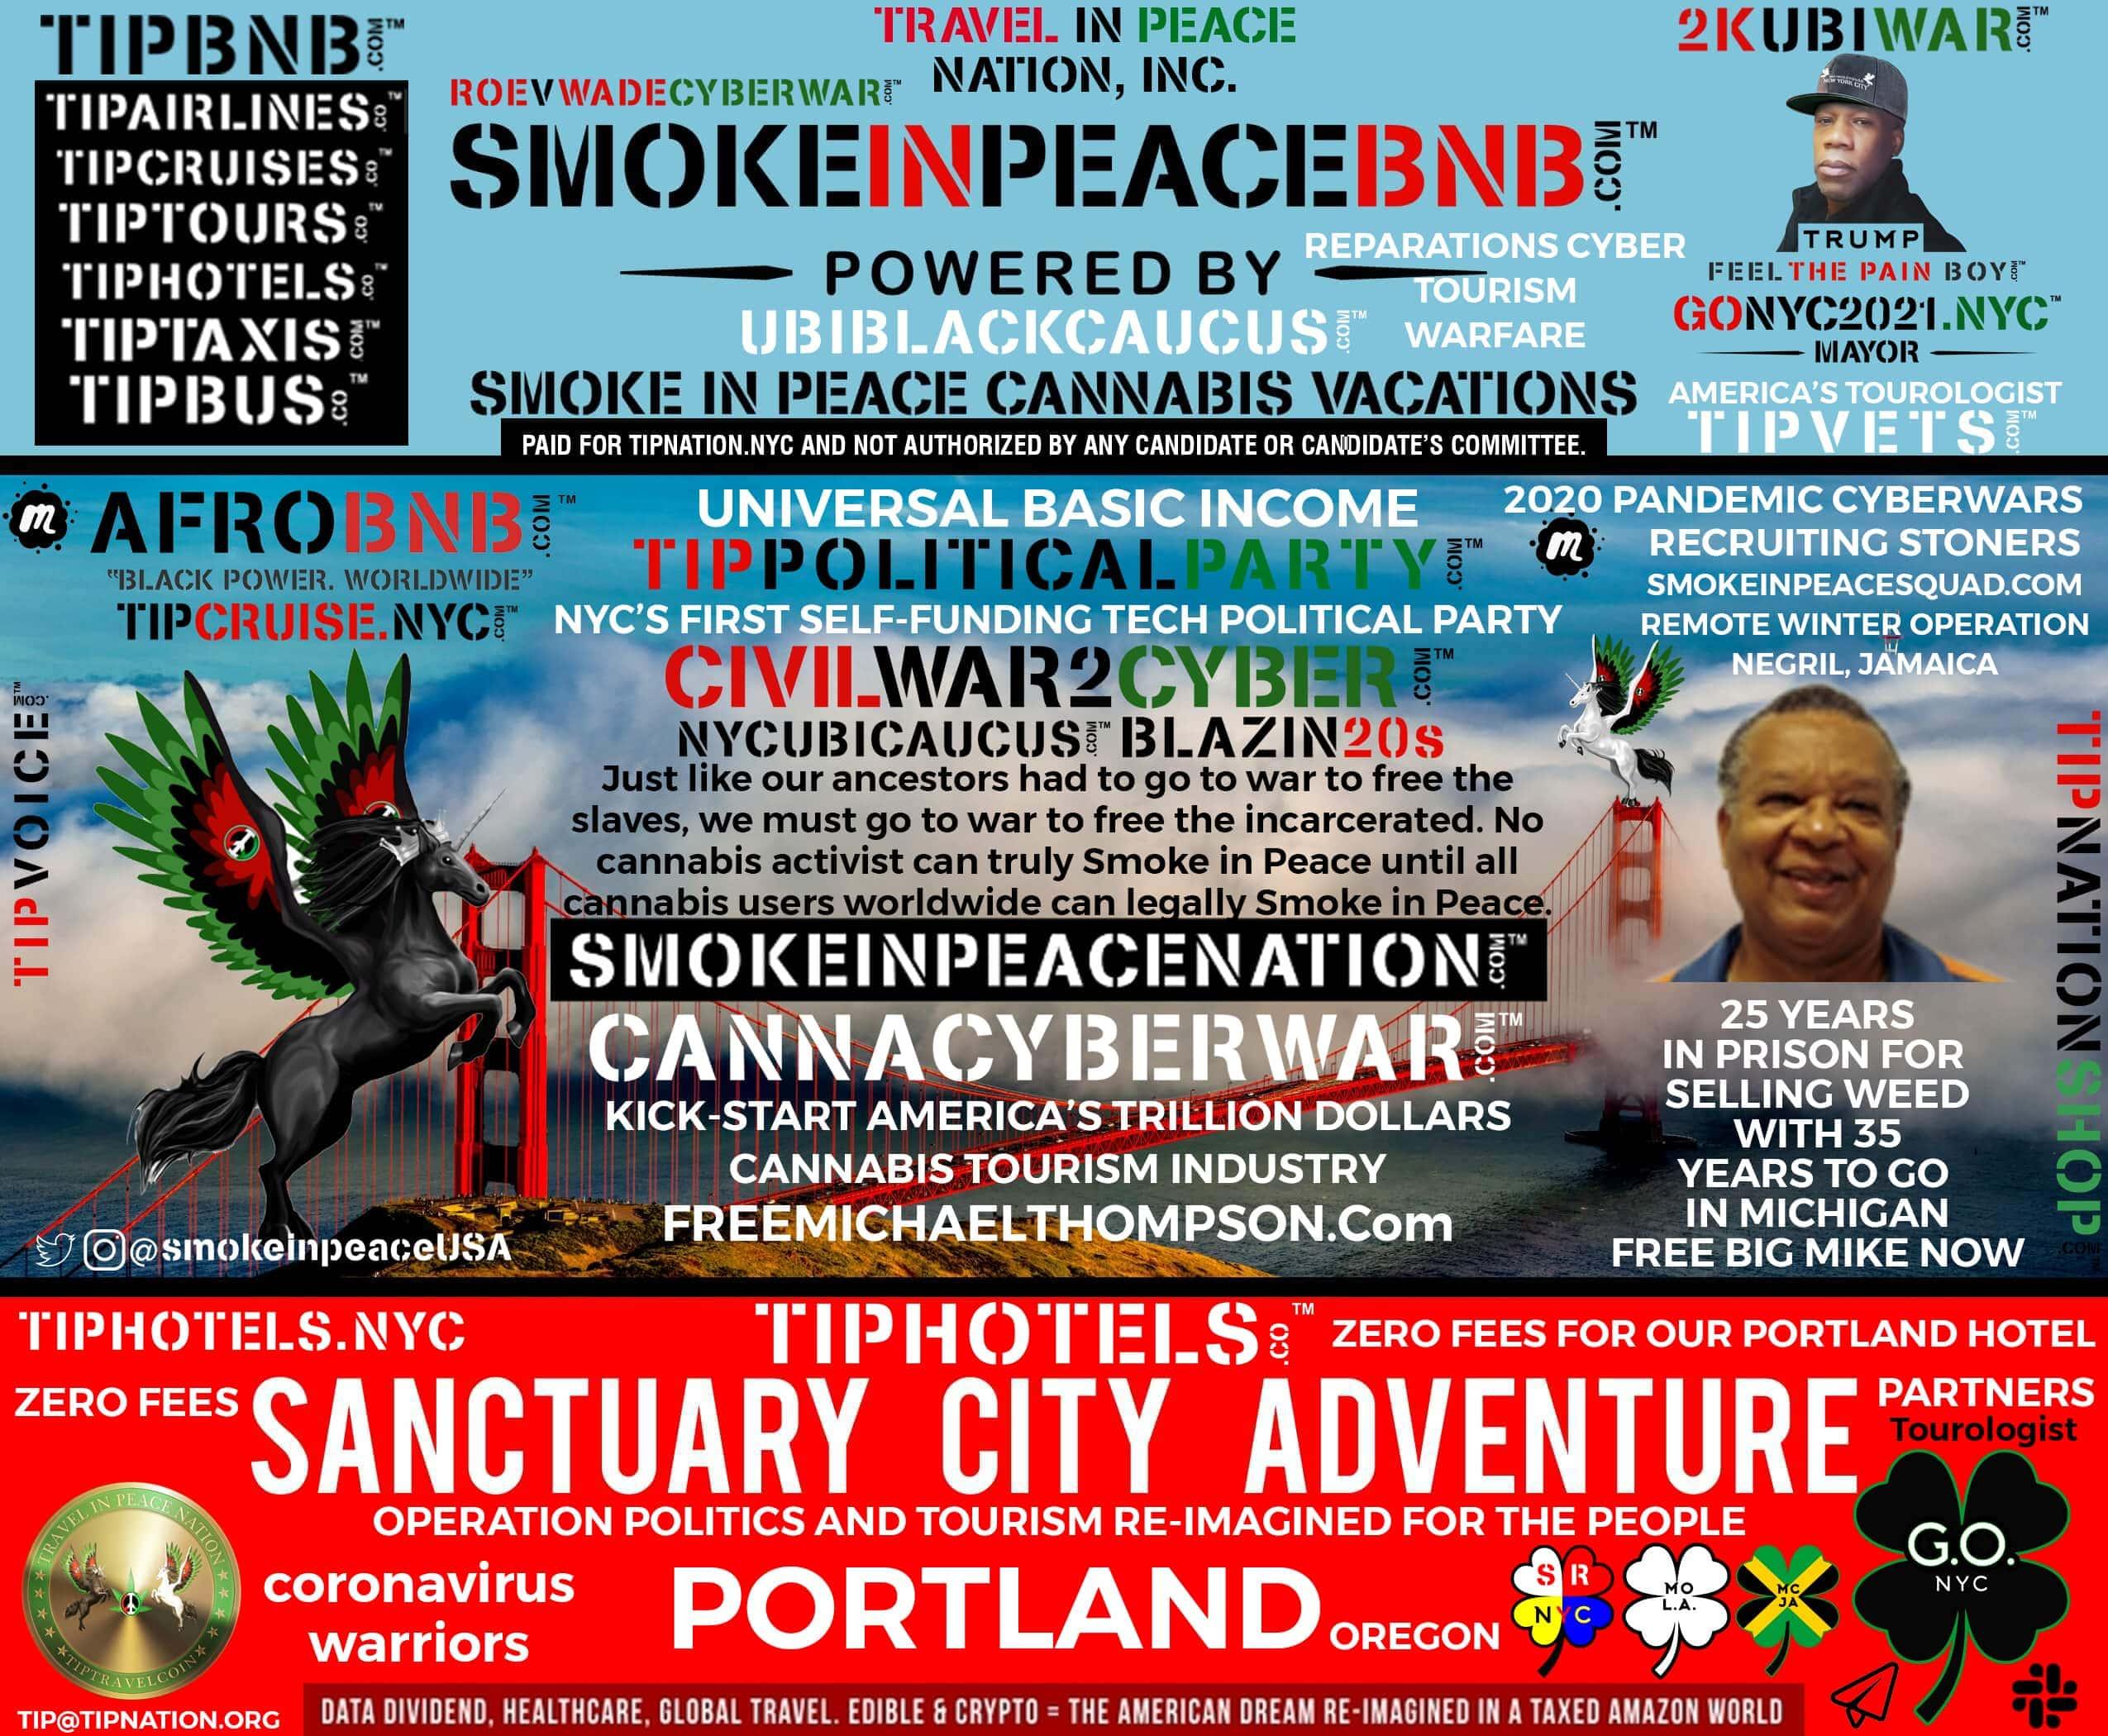 01 MIKE Portland-min